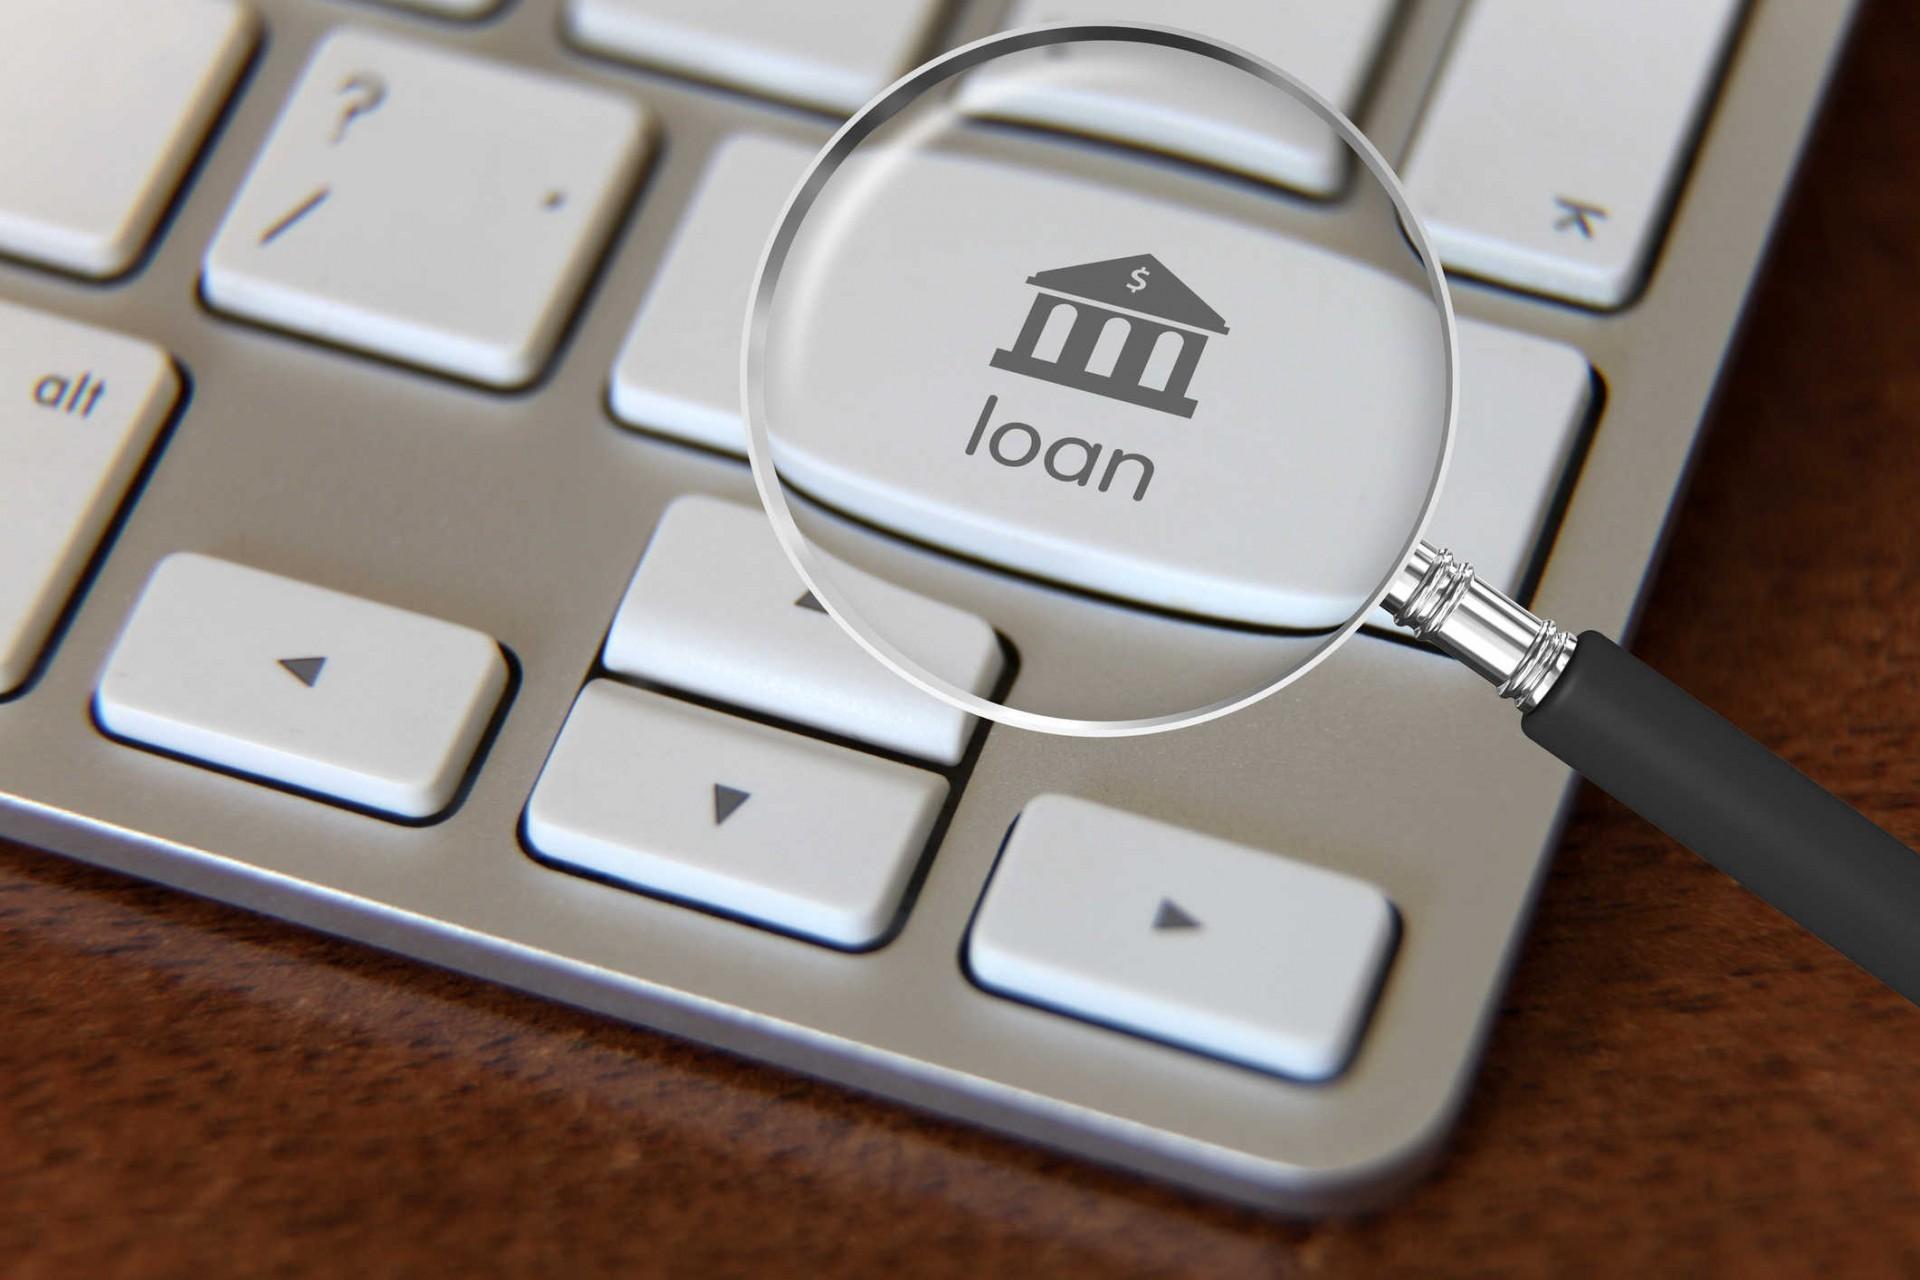 הגשת בקשה להלוואה מחברת ביטוח, קרן פנסיה וקרן השתלמות בעקבות משבר הקורונה